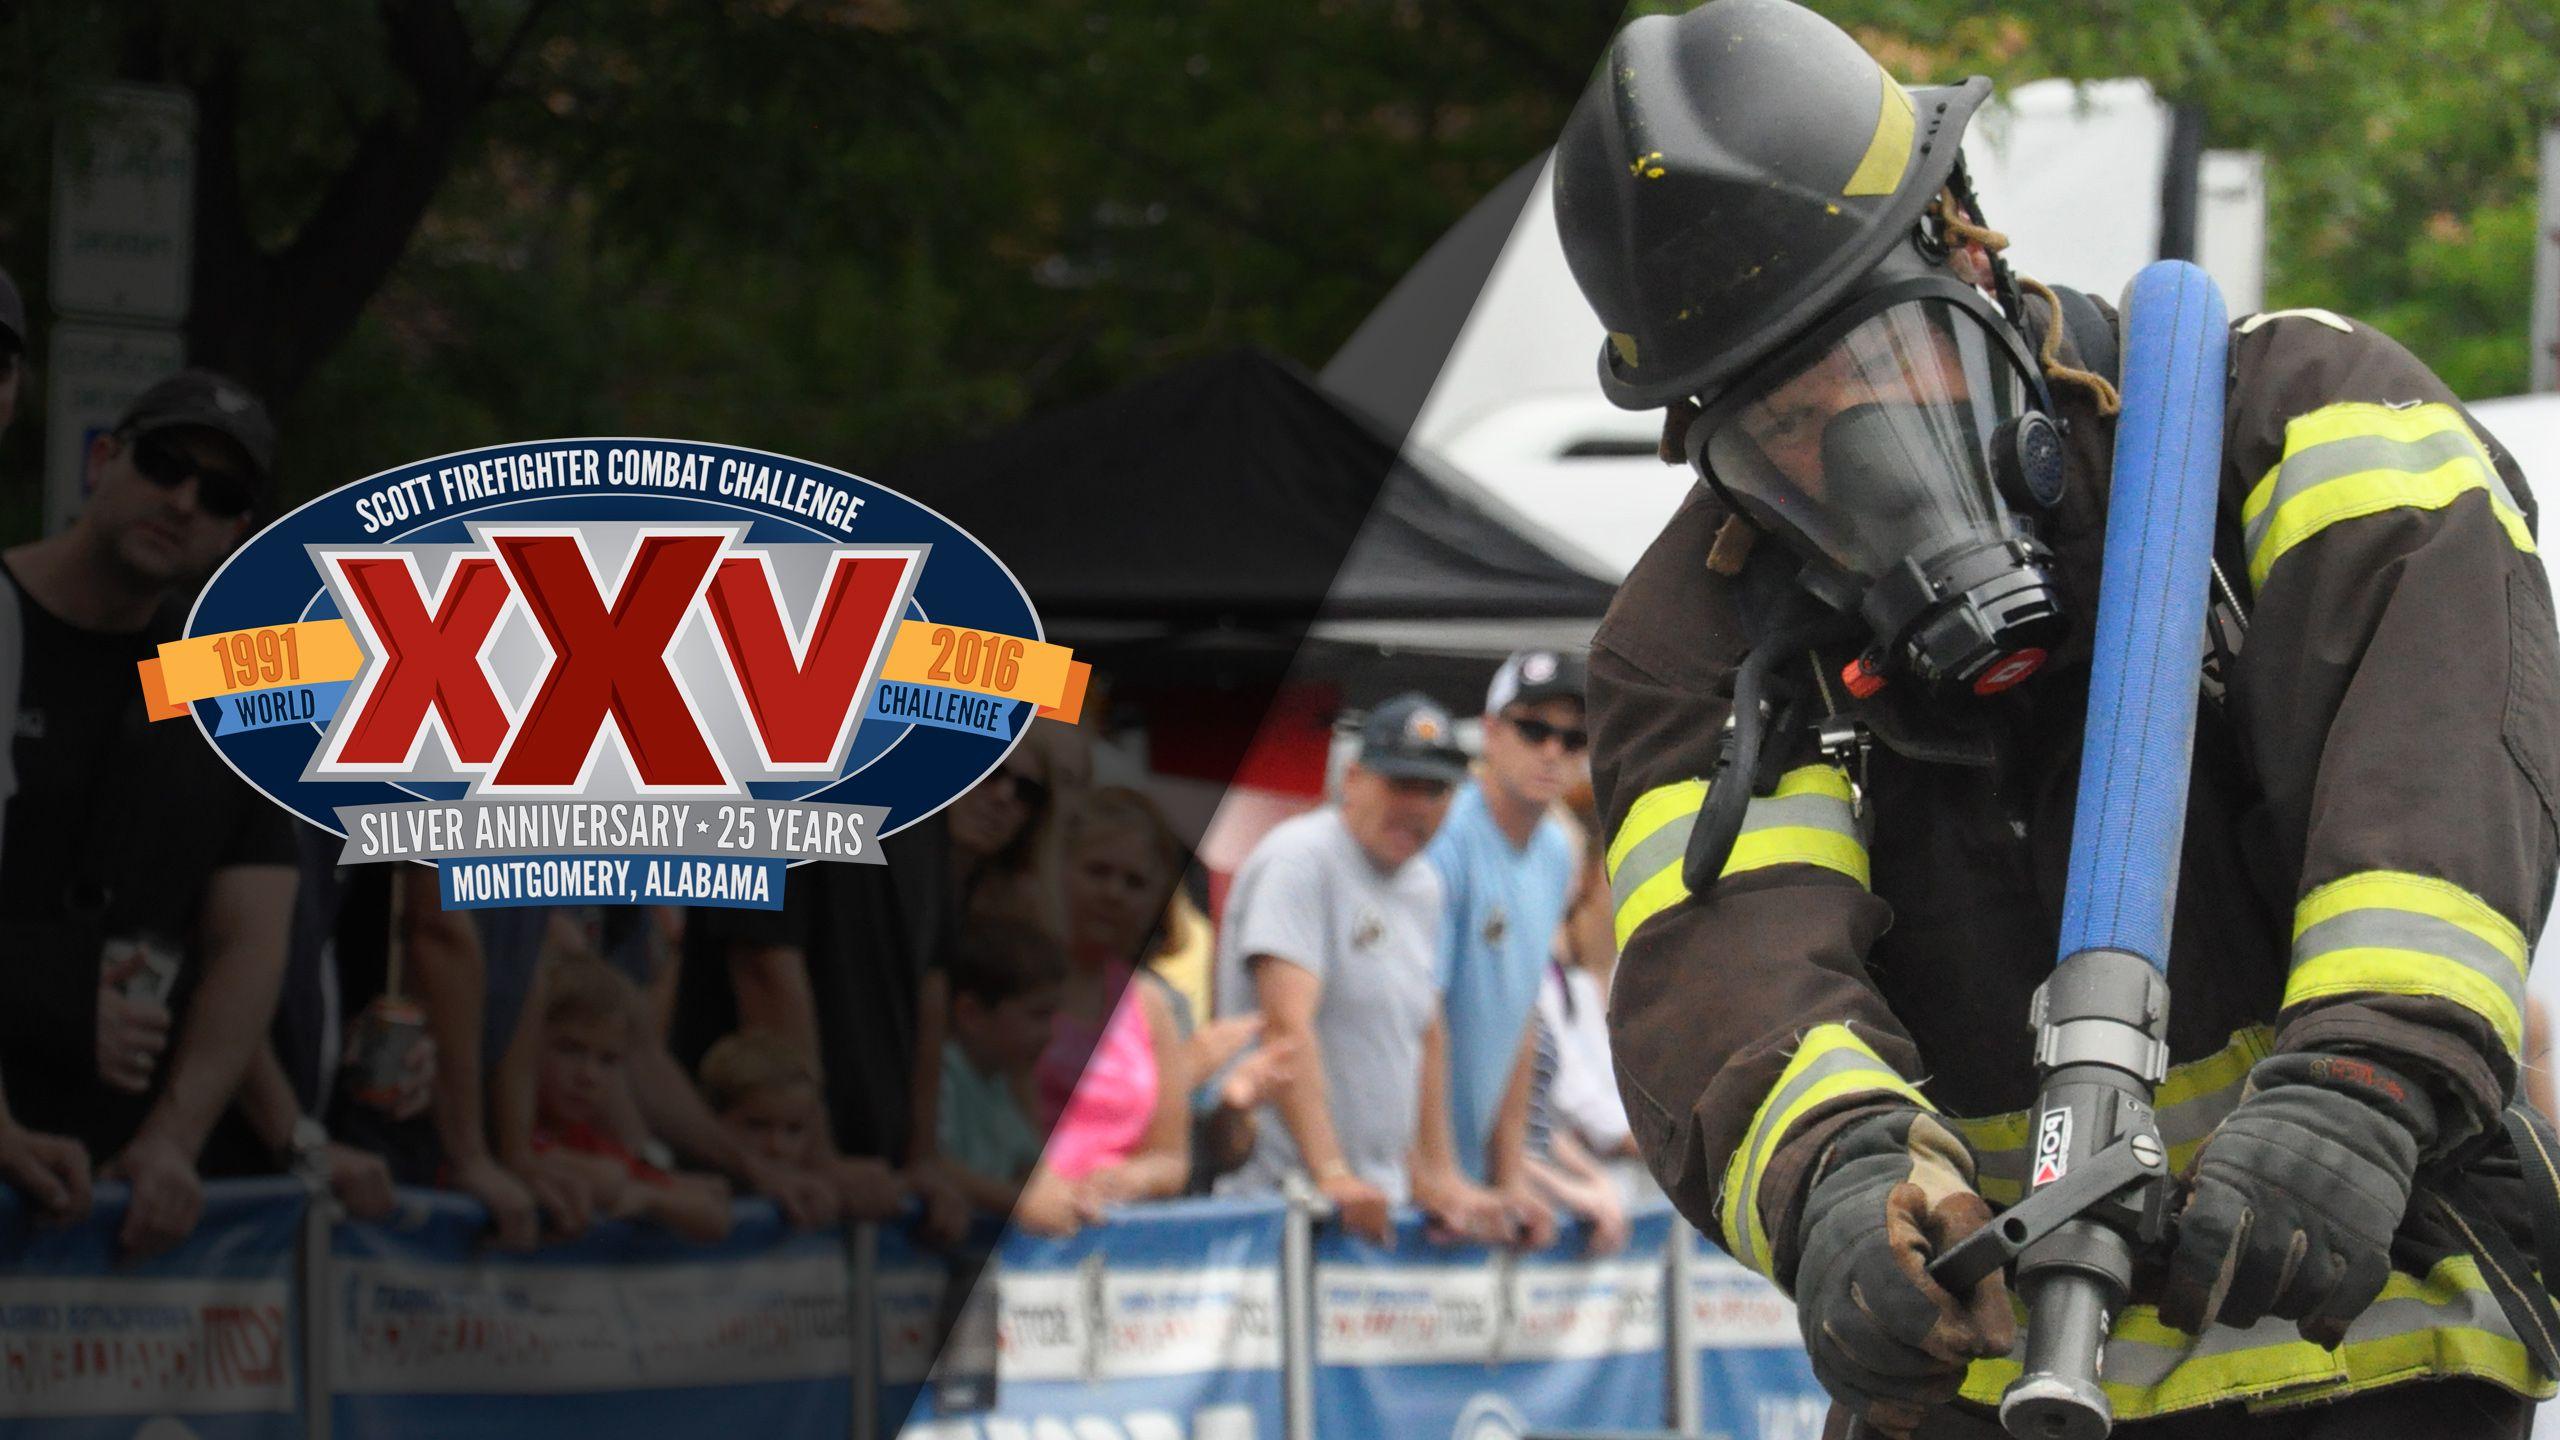 Firefighter World Challenge XXV